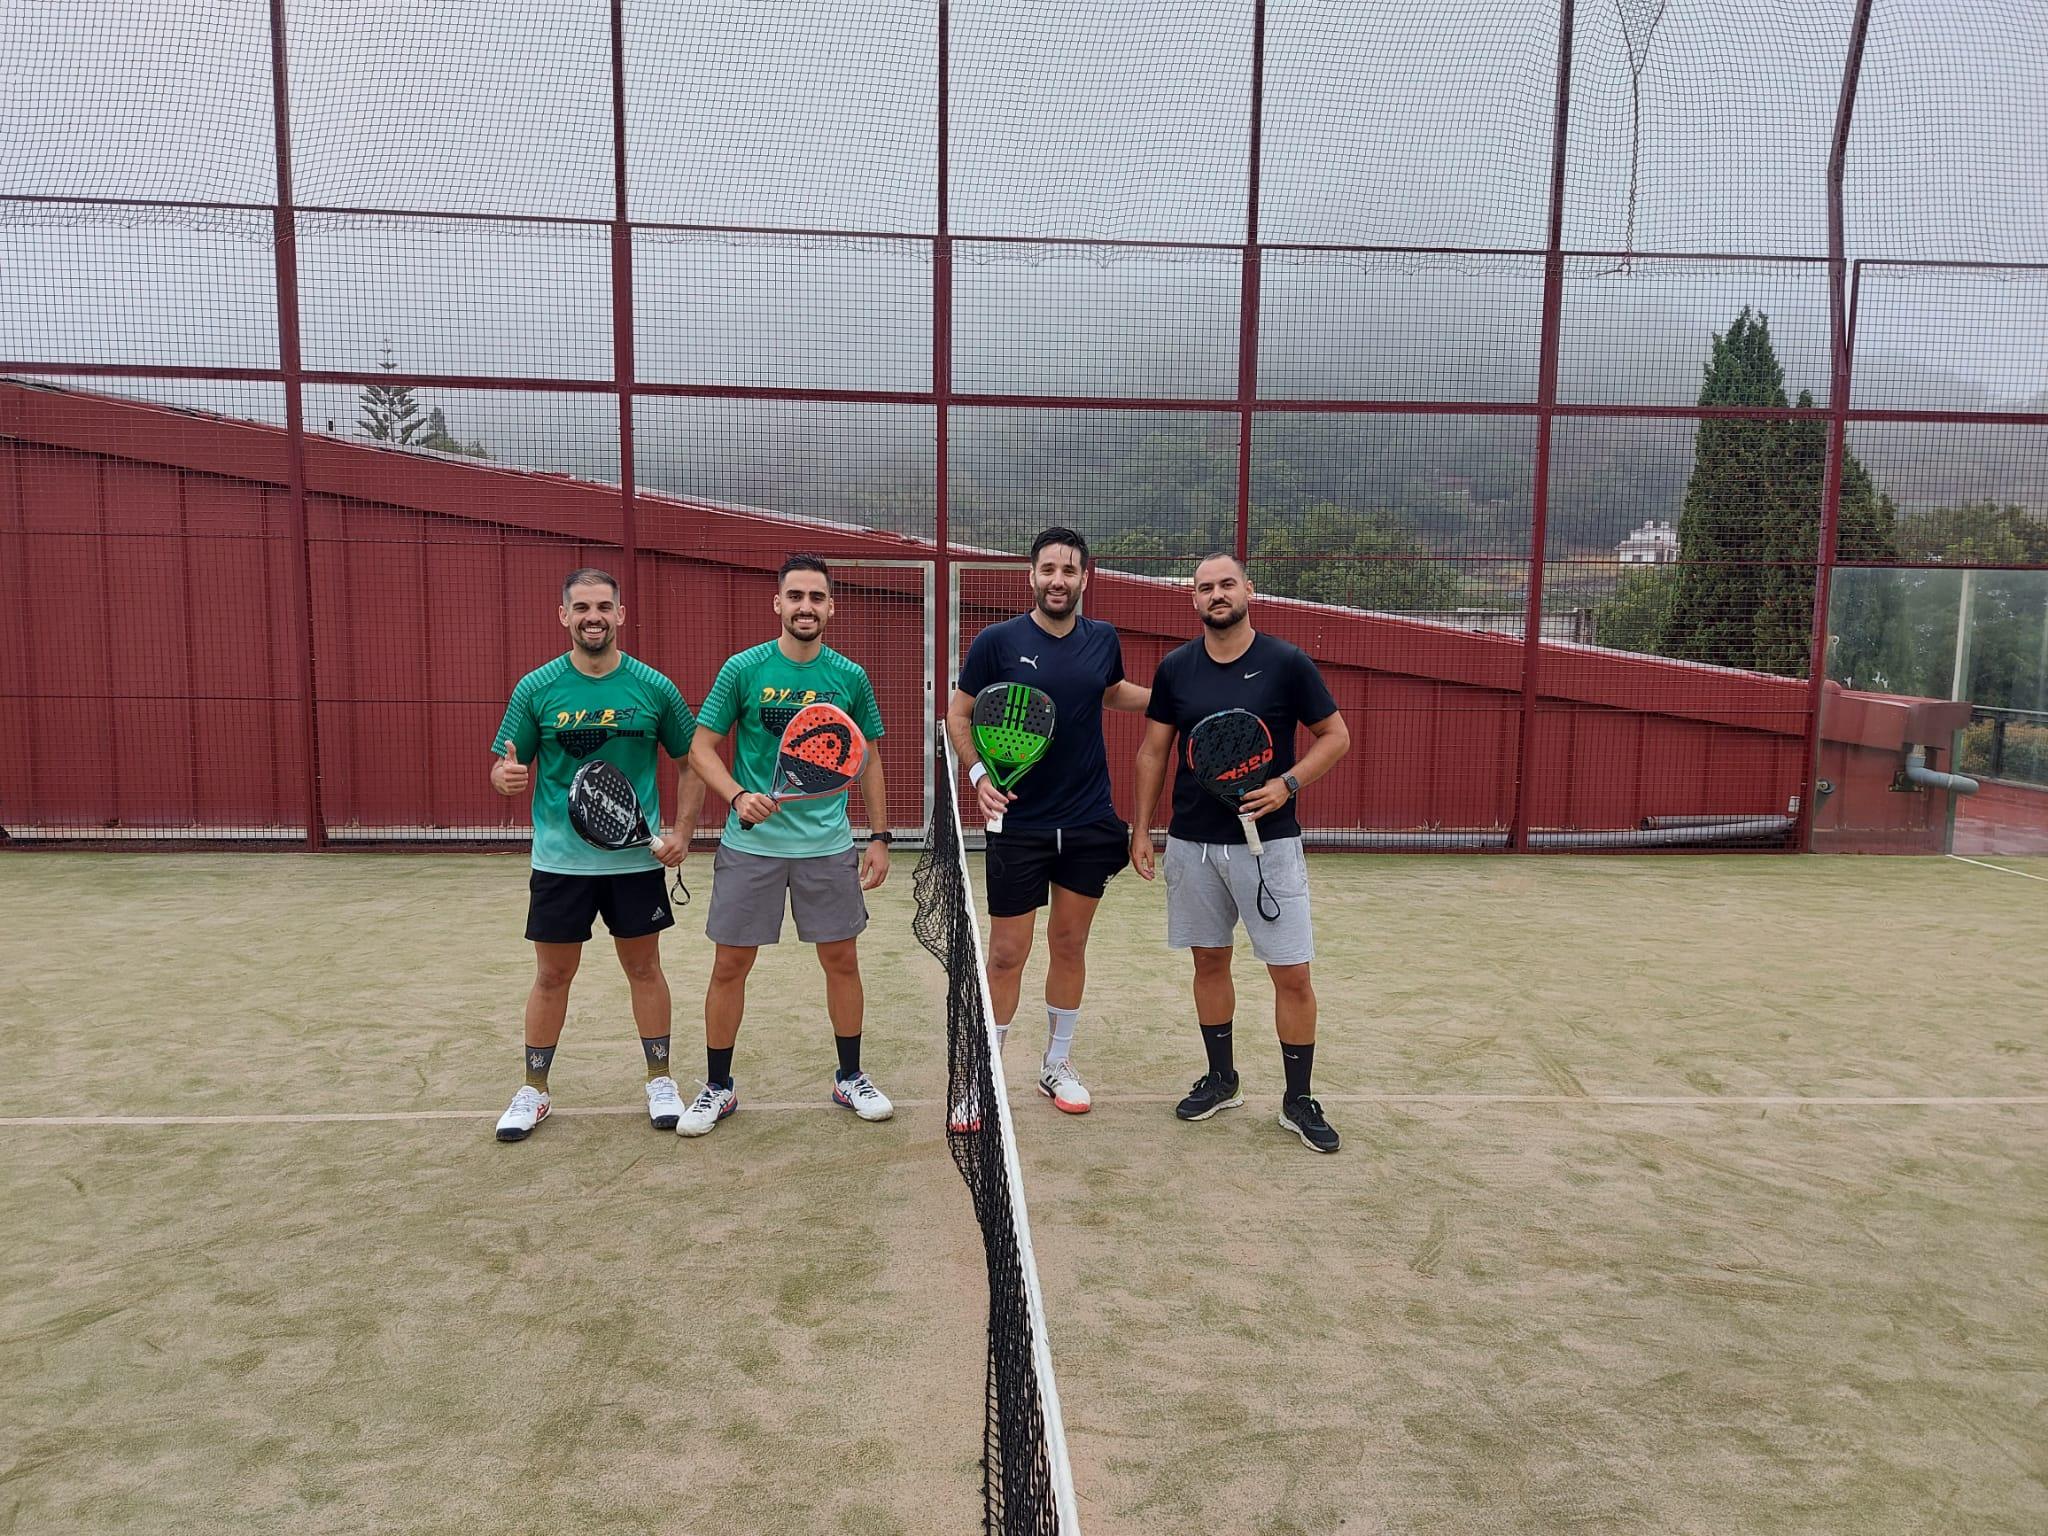 Torneo Padelvalle en Valleseco / CanariasNoticias.es